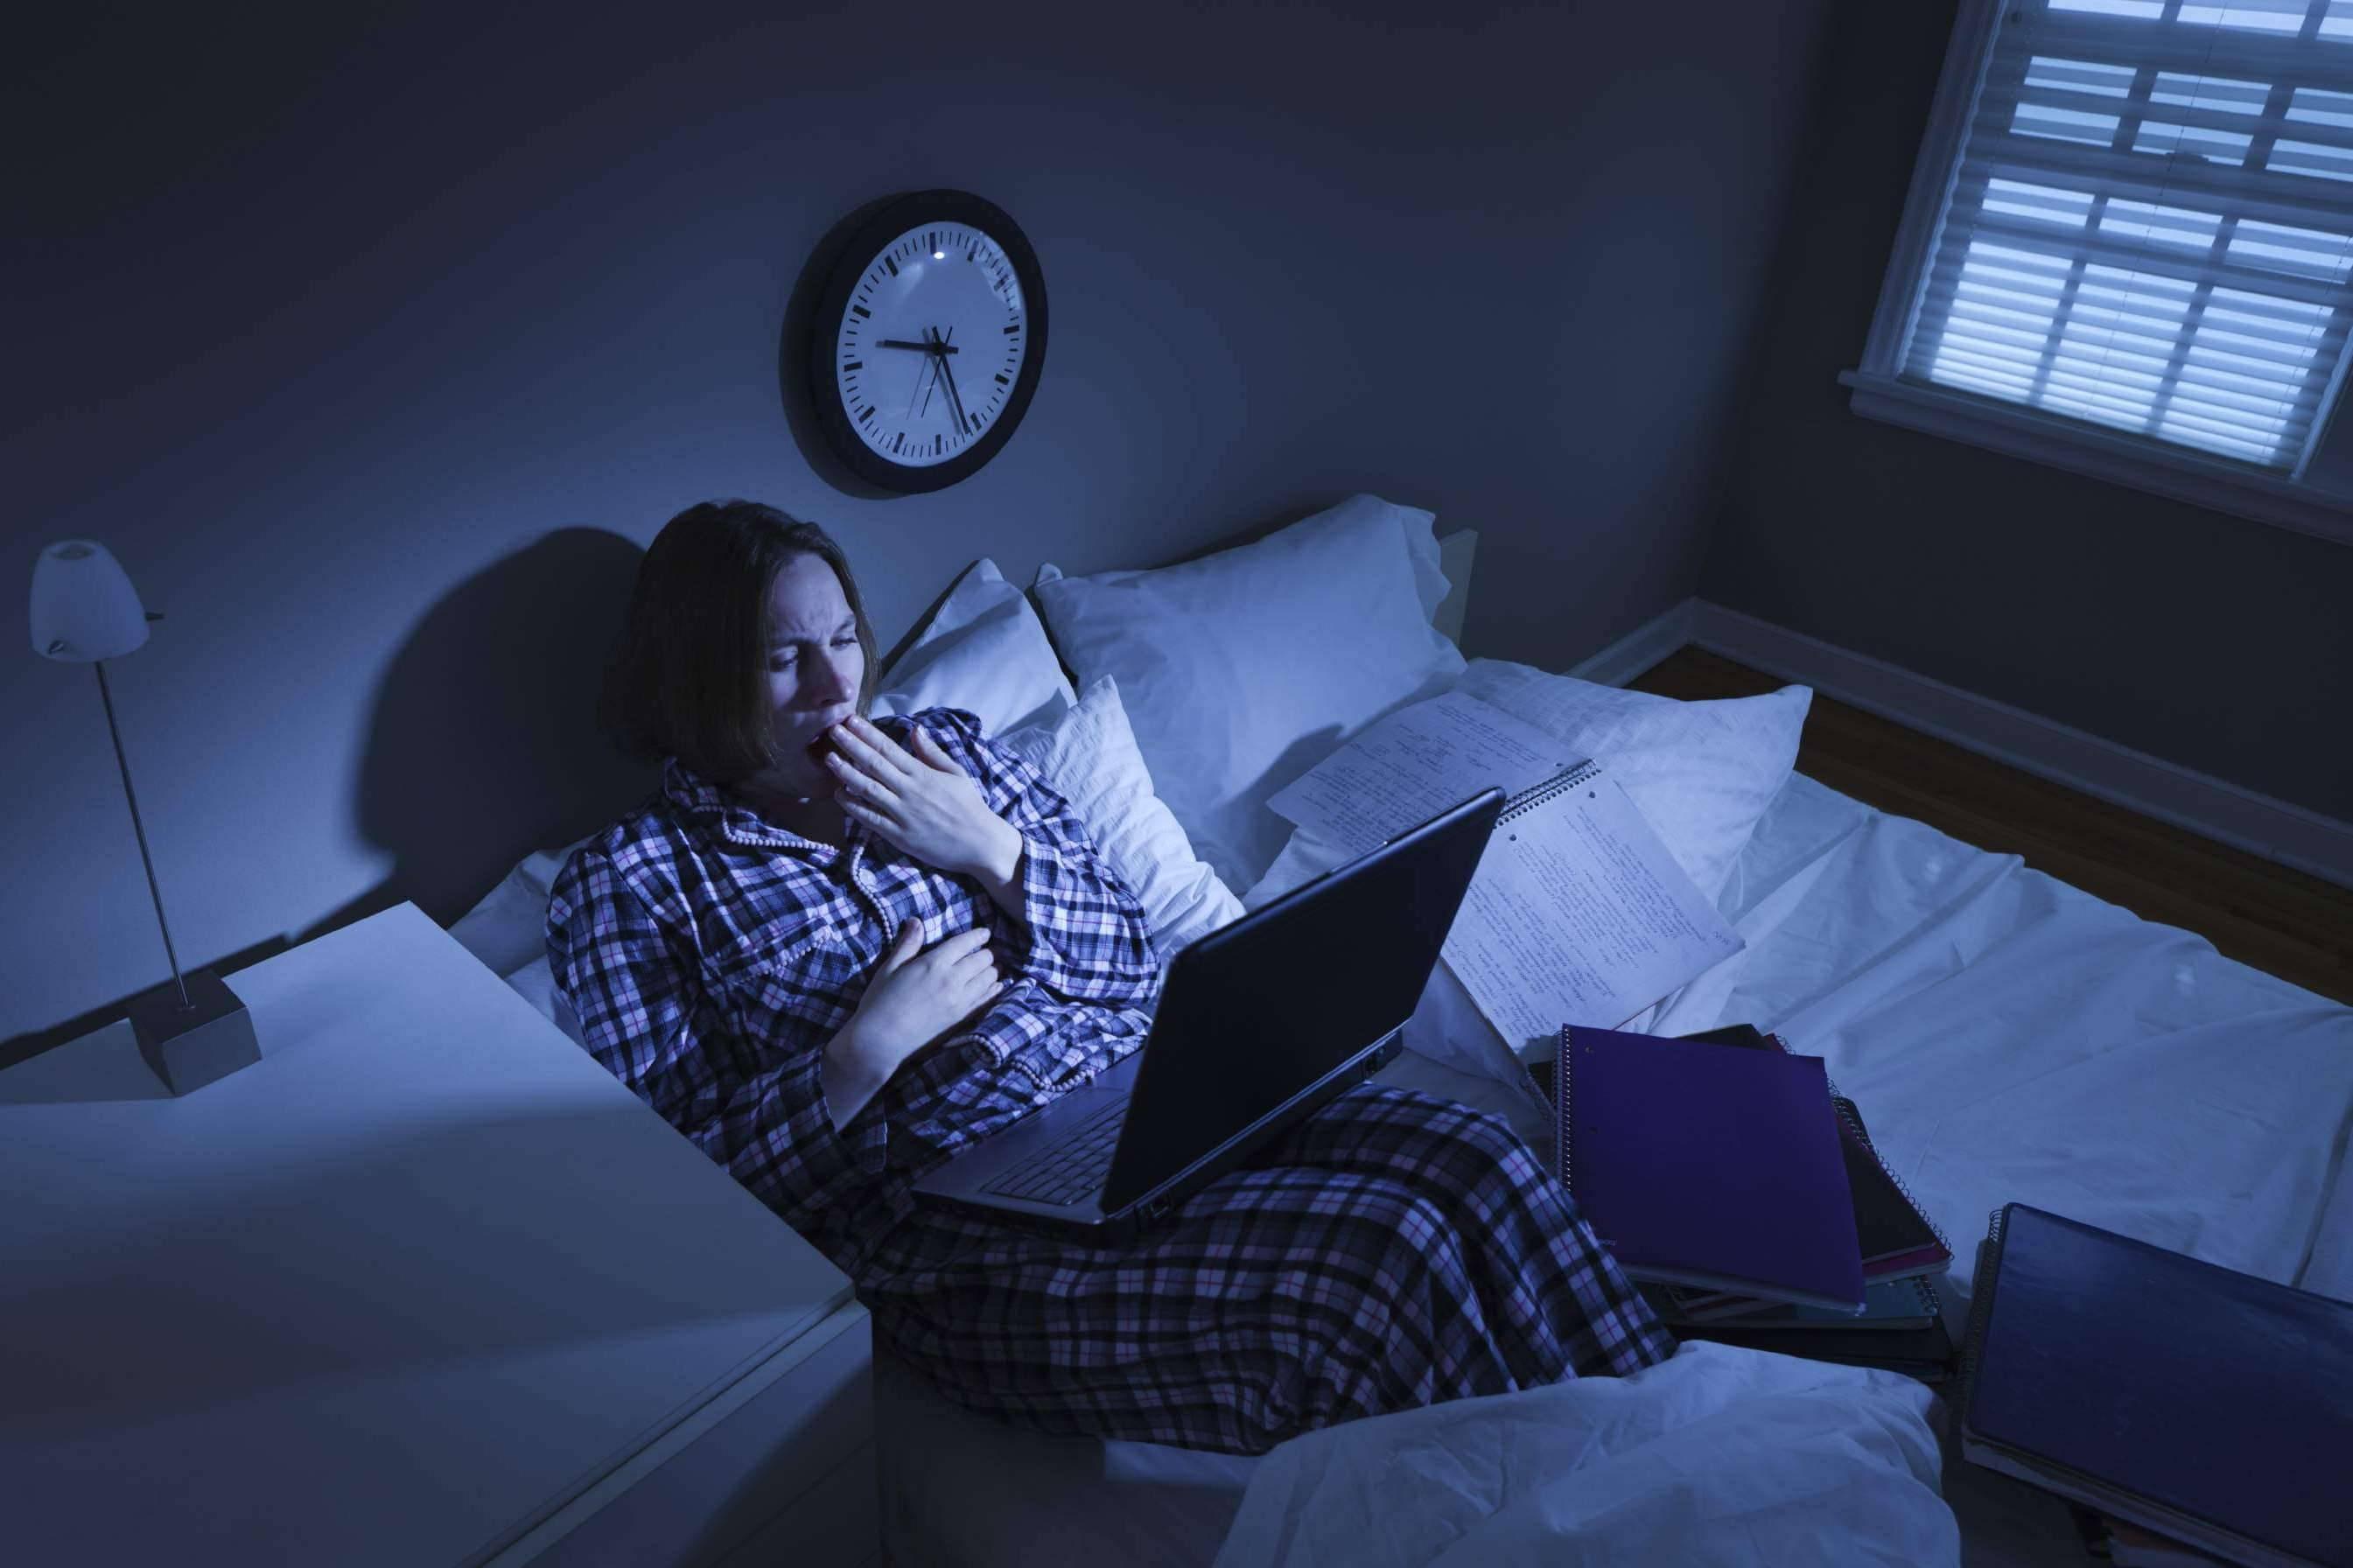 Как уснуть с похмелья? средства от бессонницы с похмелья